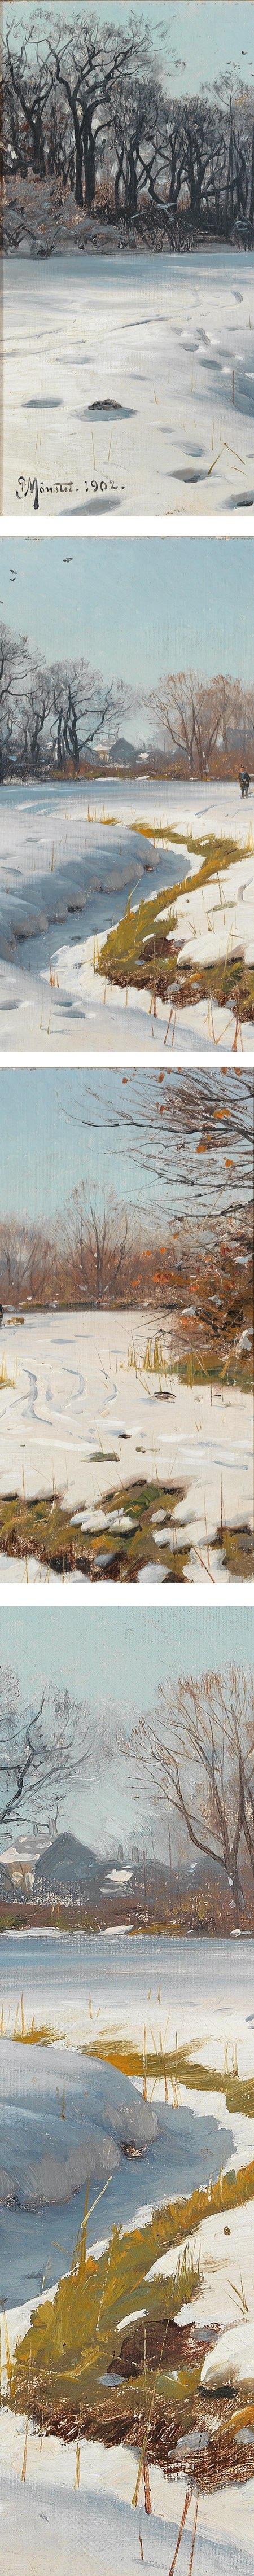 Peder Mork Monsted, Sunny Winter Day (Ein sonniger Wintertag) (details)